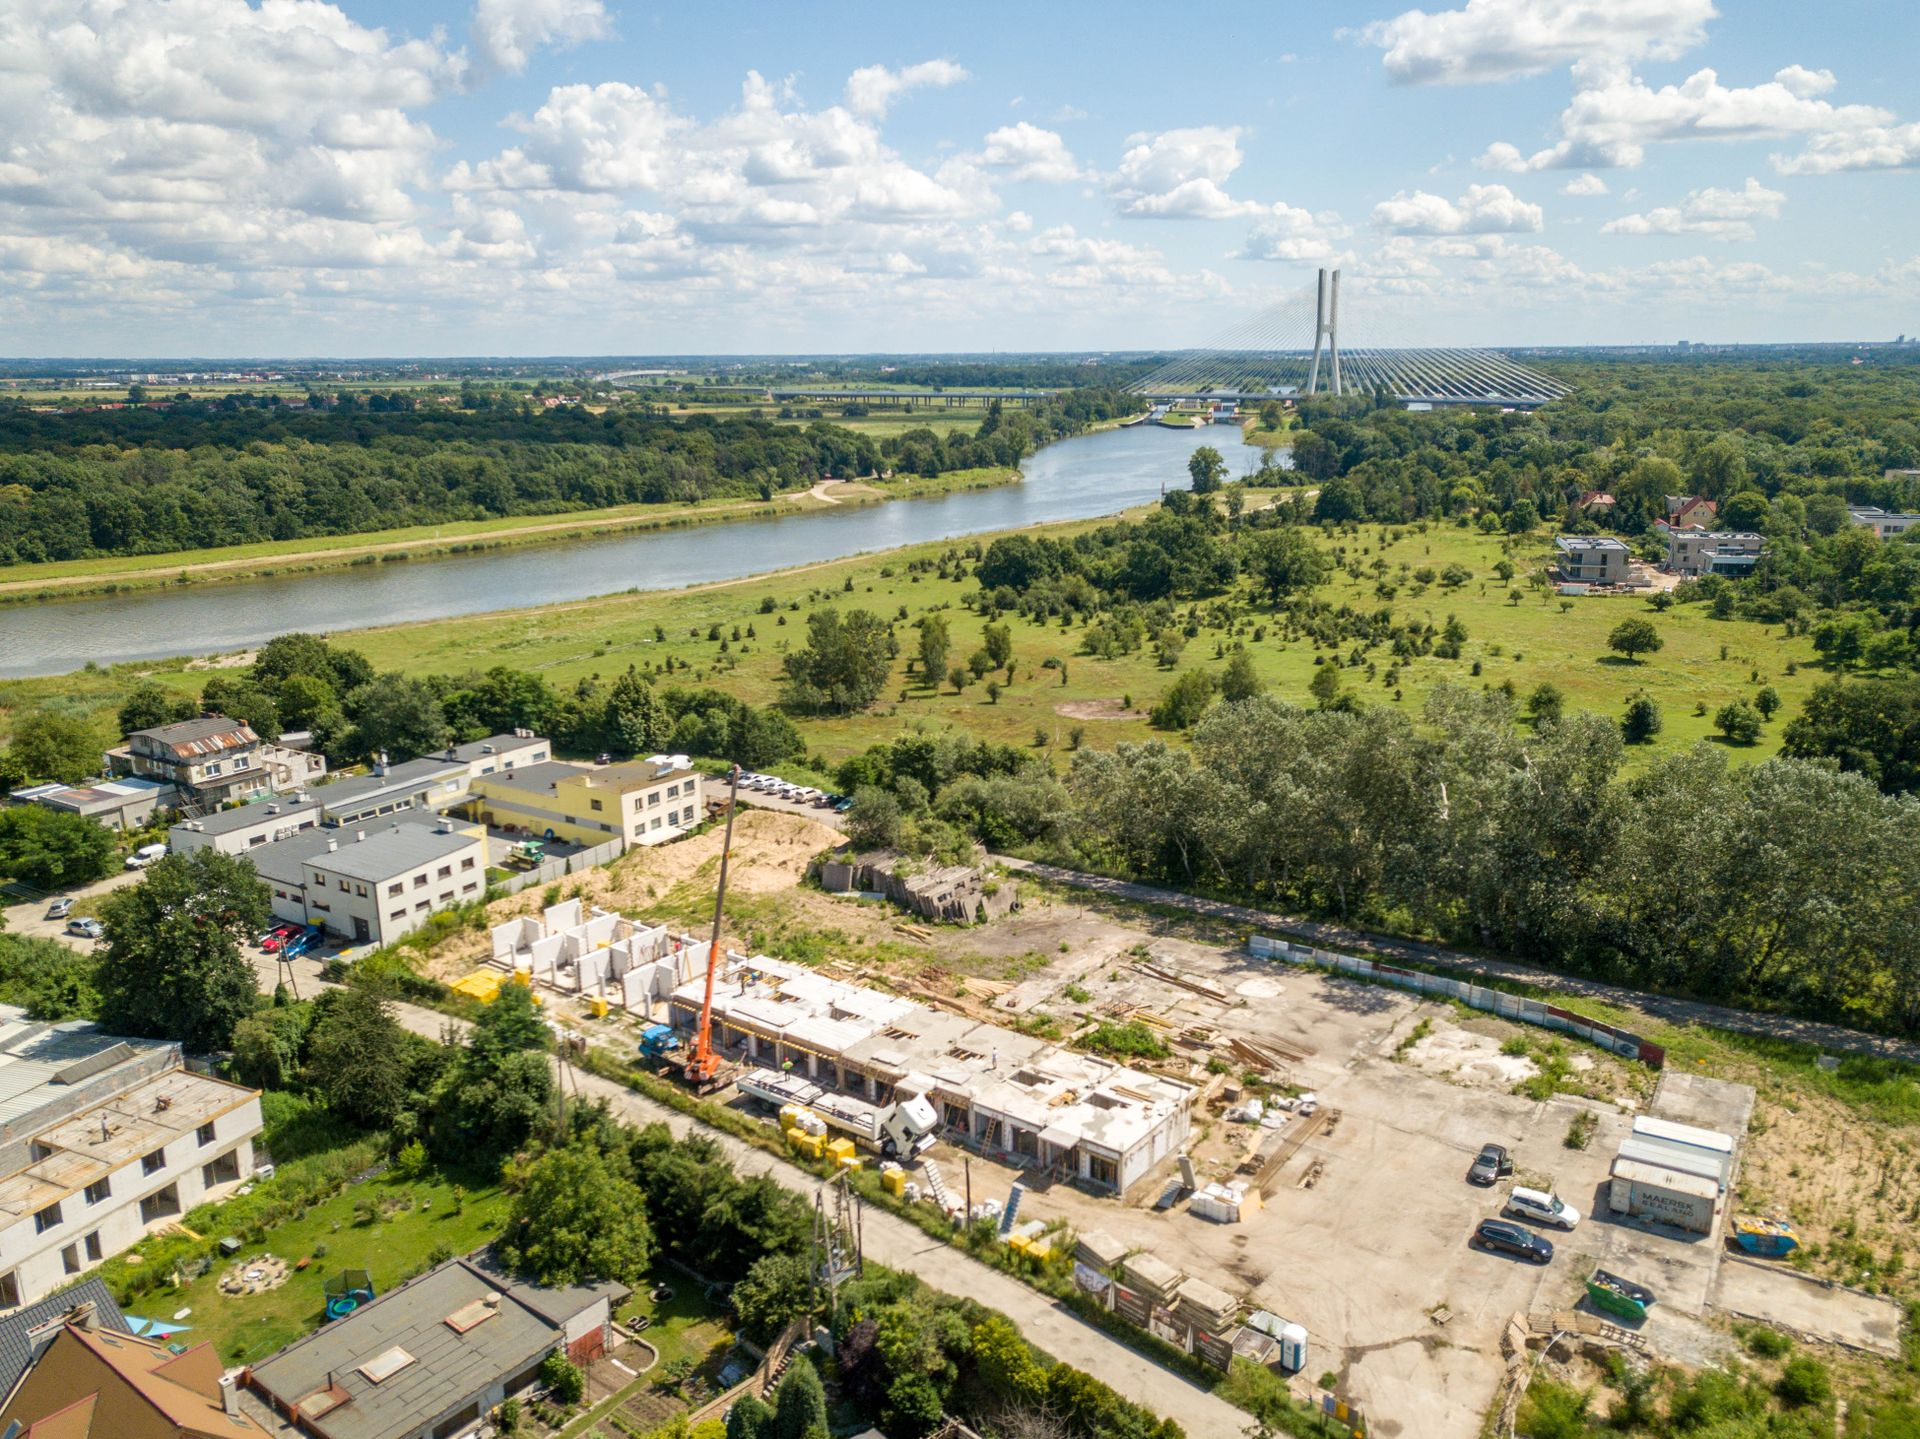 Wrocław: Potokowa Residence – sprzedaż nowych domów przy Odrze od M3 Invest na finiszu [FOTORELACJA]